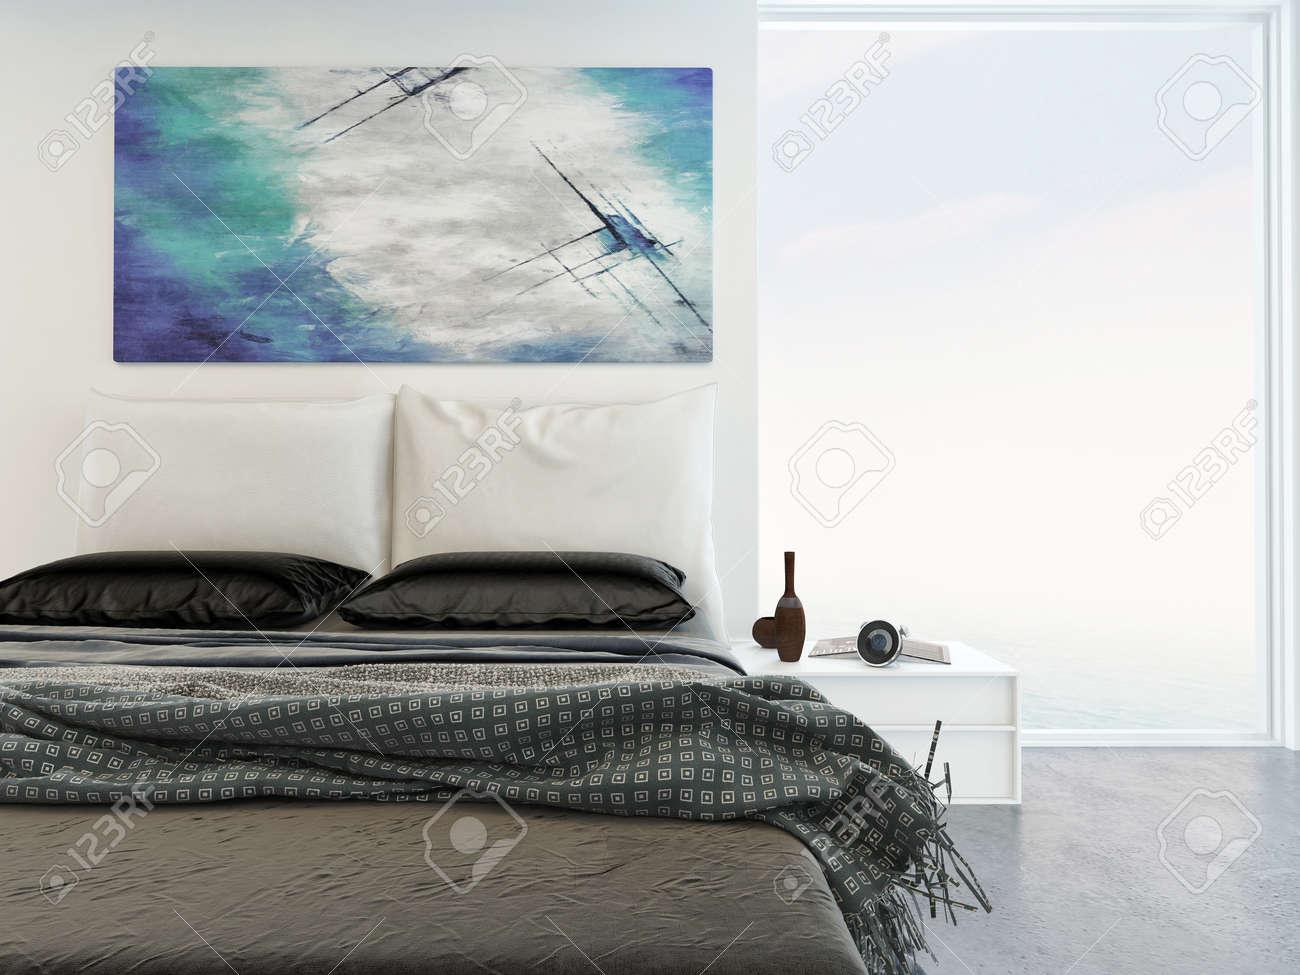 Tapis Sous Lit intérieur de chambre lumineuse confortable avec une vue rapprochée d